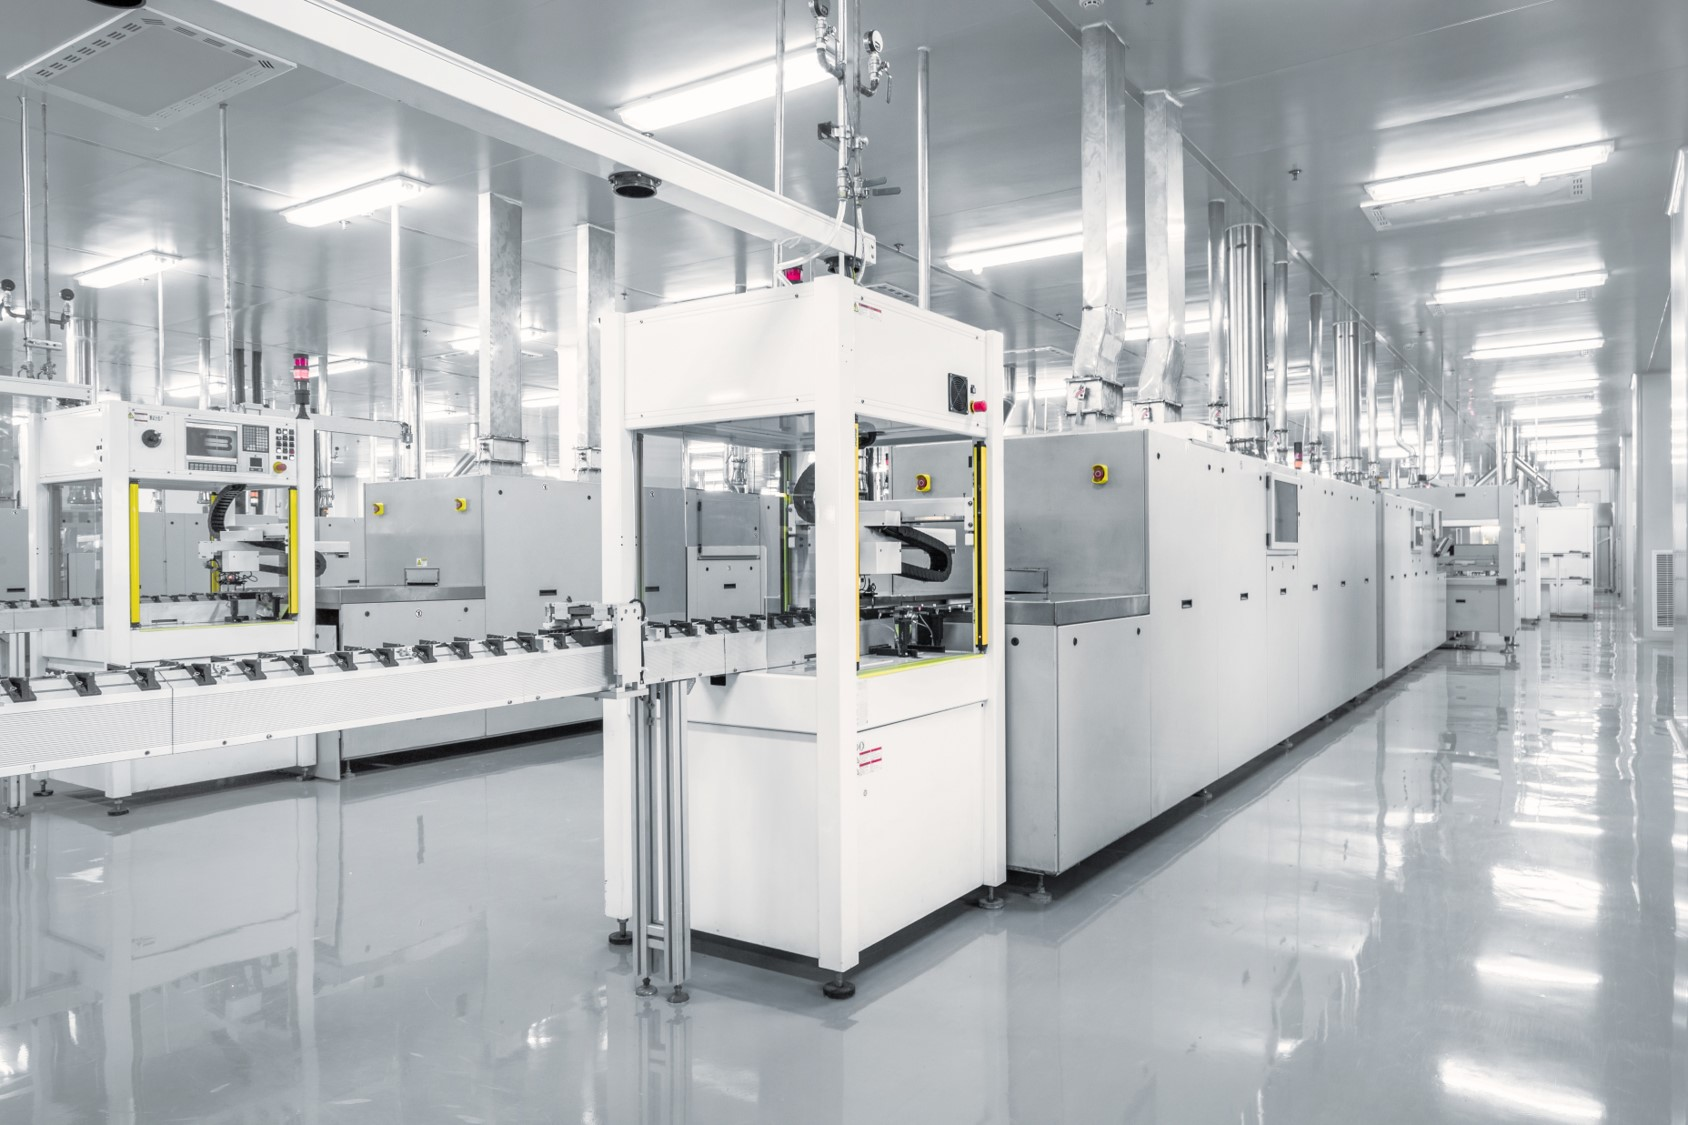 Maschinen ohne CE-Kennzeichnung